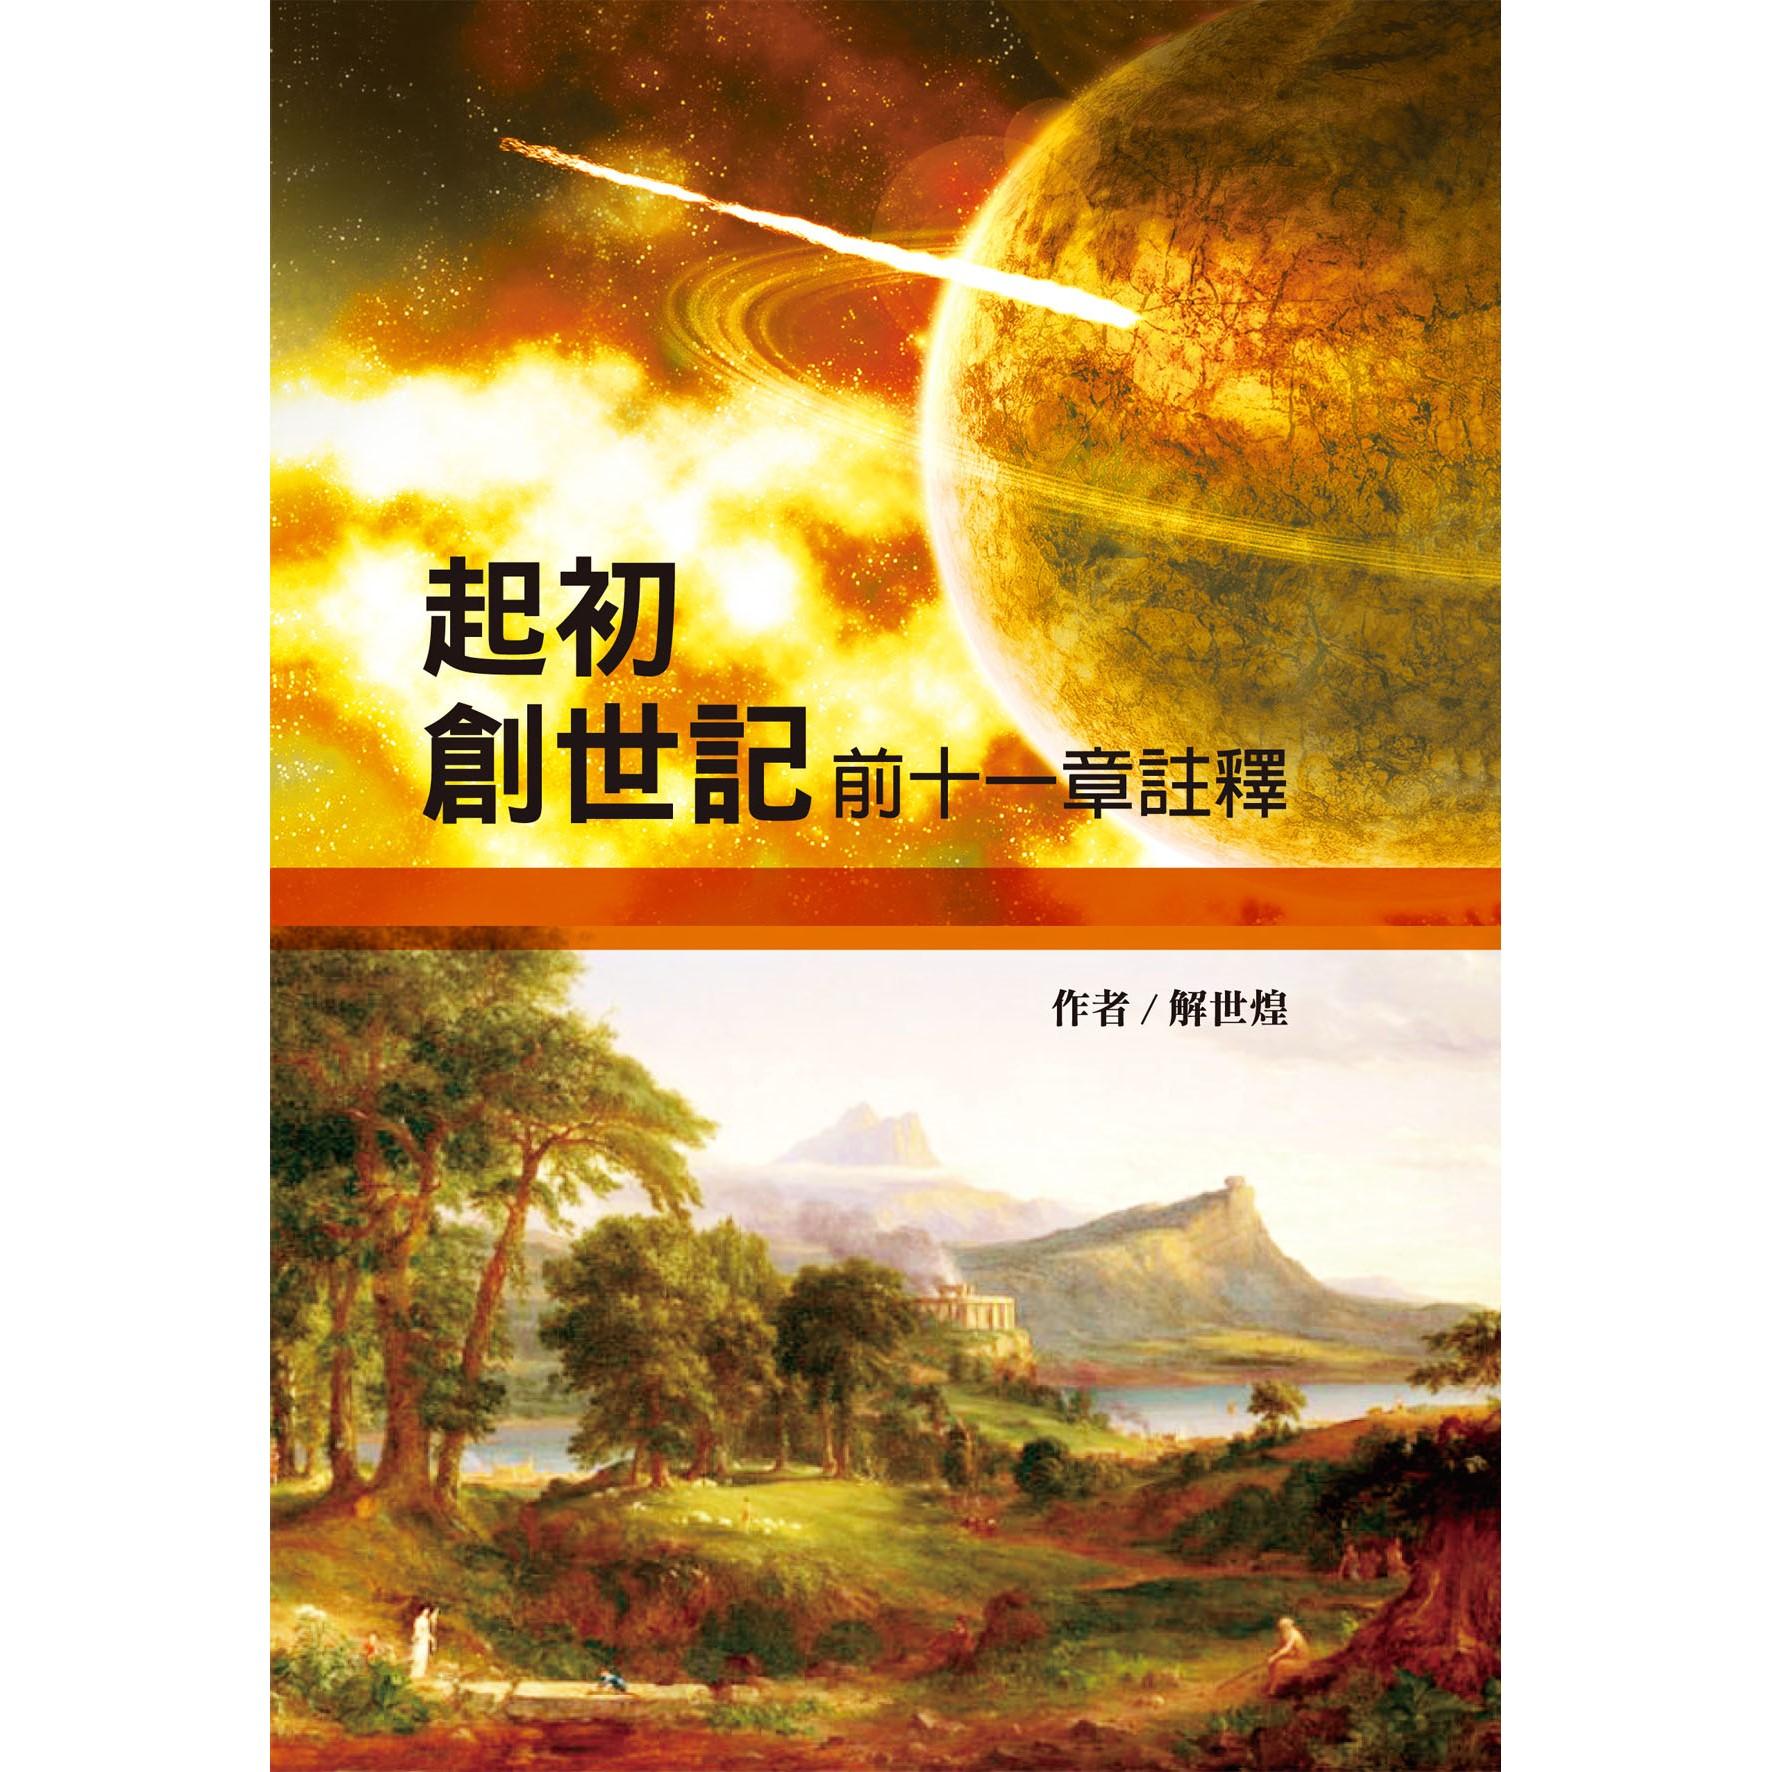 起初創世紀-前十一章註釋